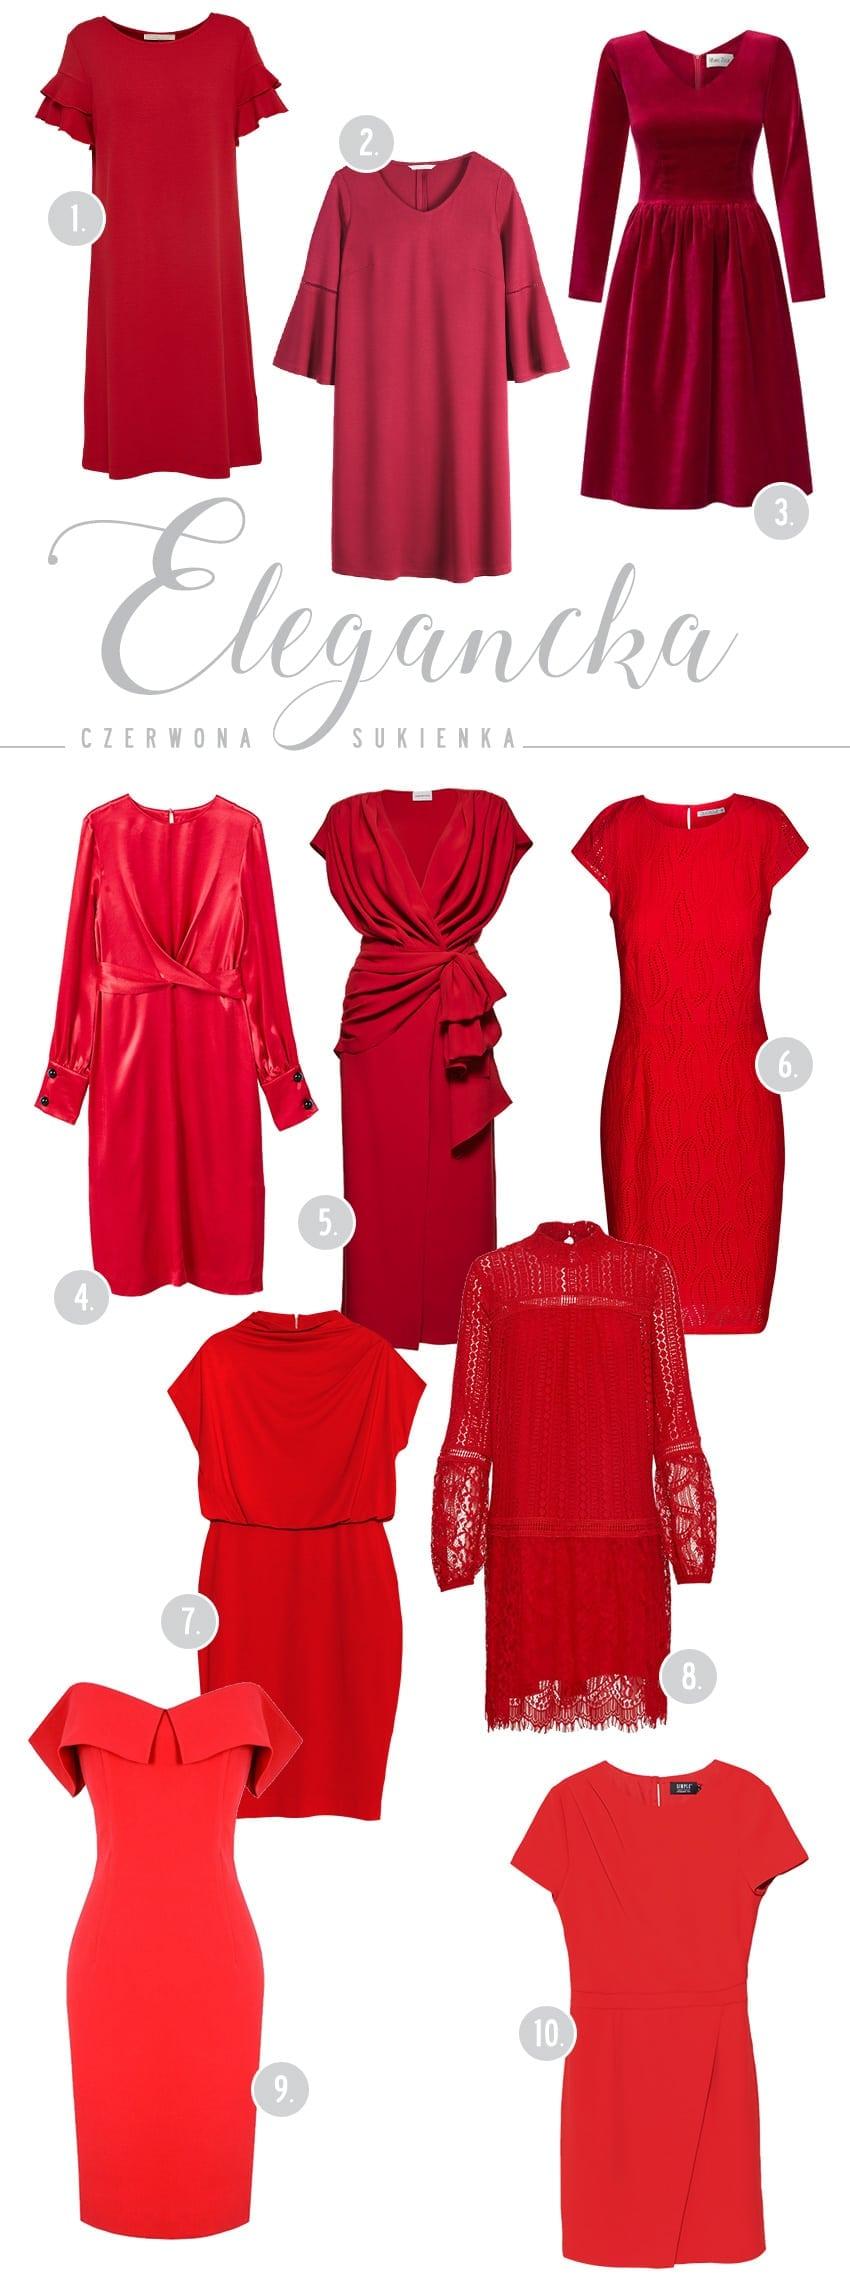 10 razy elegancka czerwona sukienka